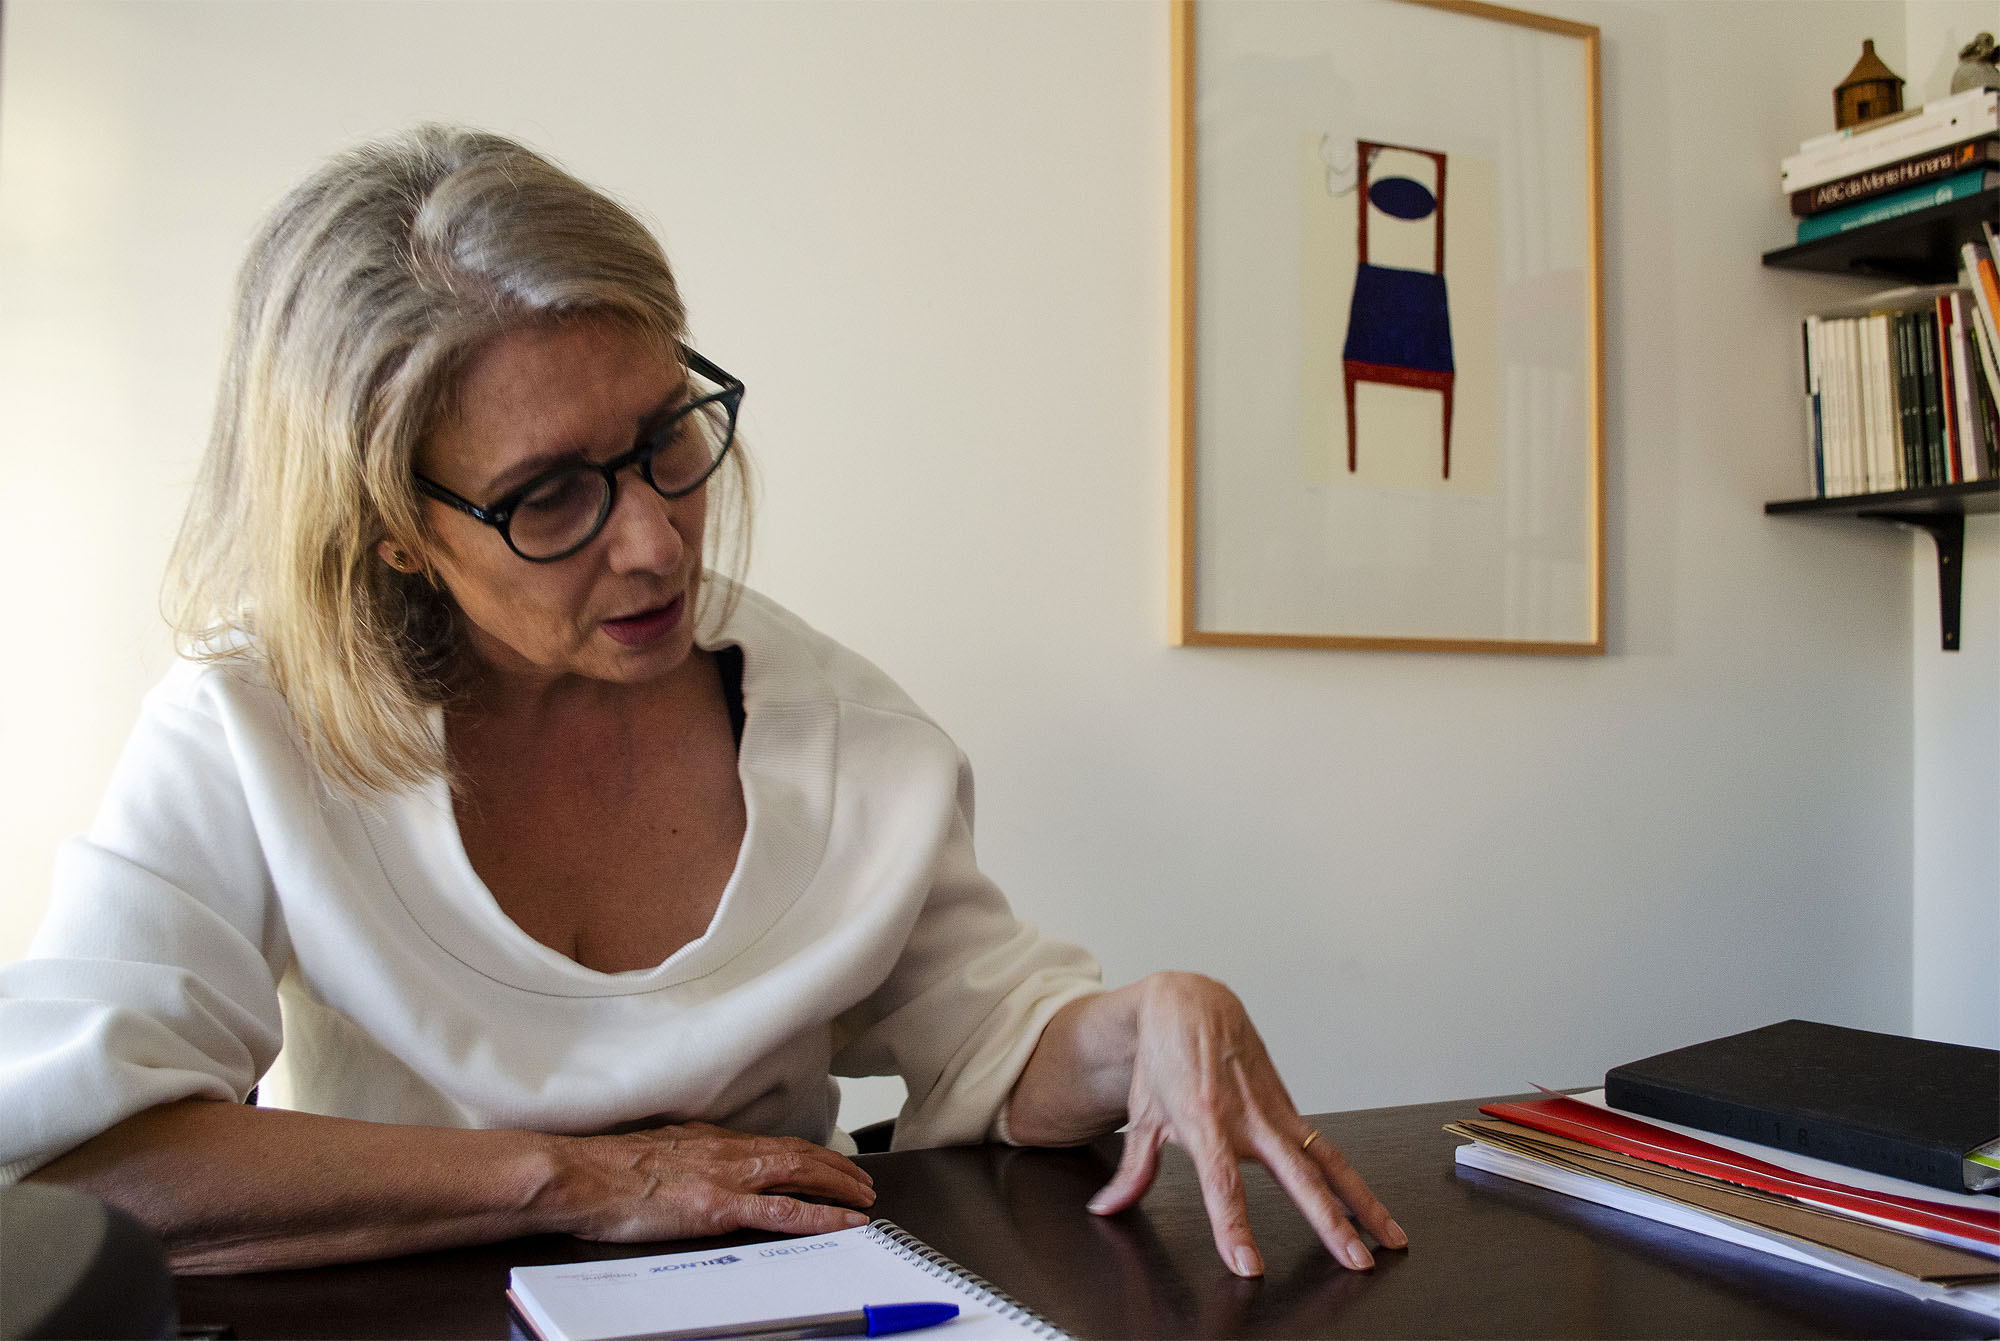 Adelaide Telles reconhece que o estigma sobre as patologias mentais diminuiu, mas não desapareceu.